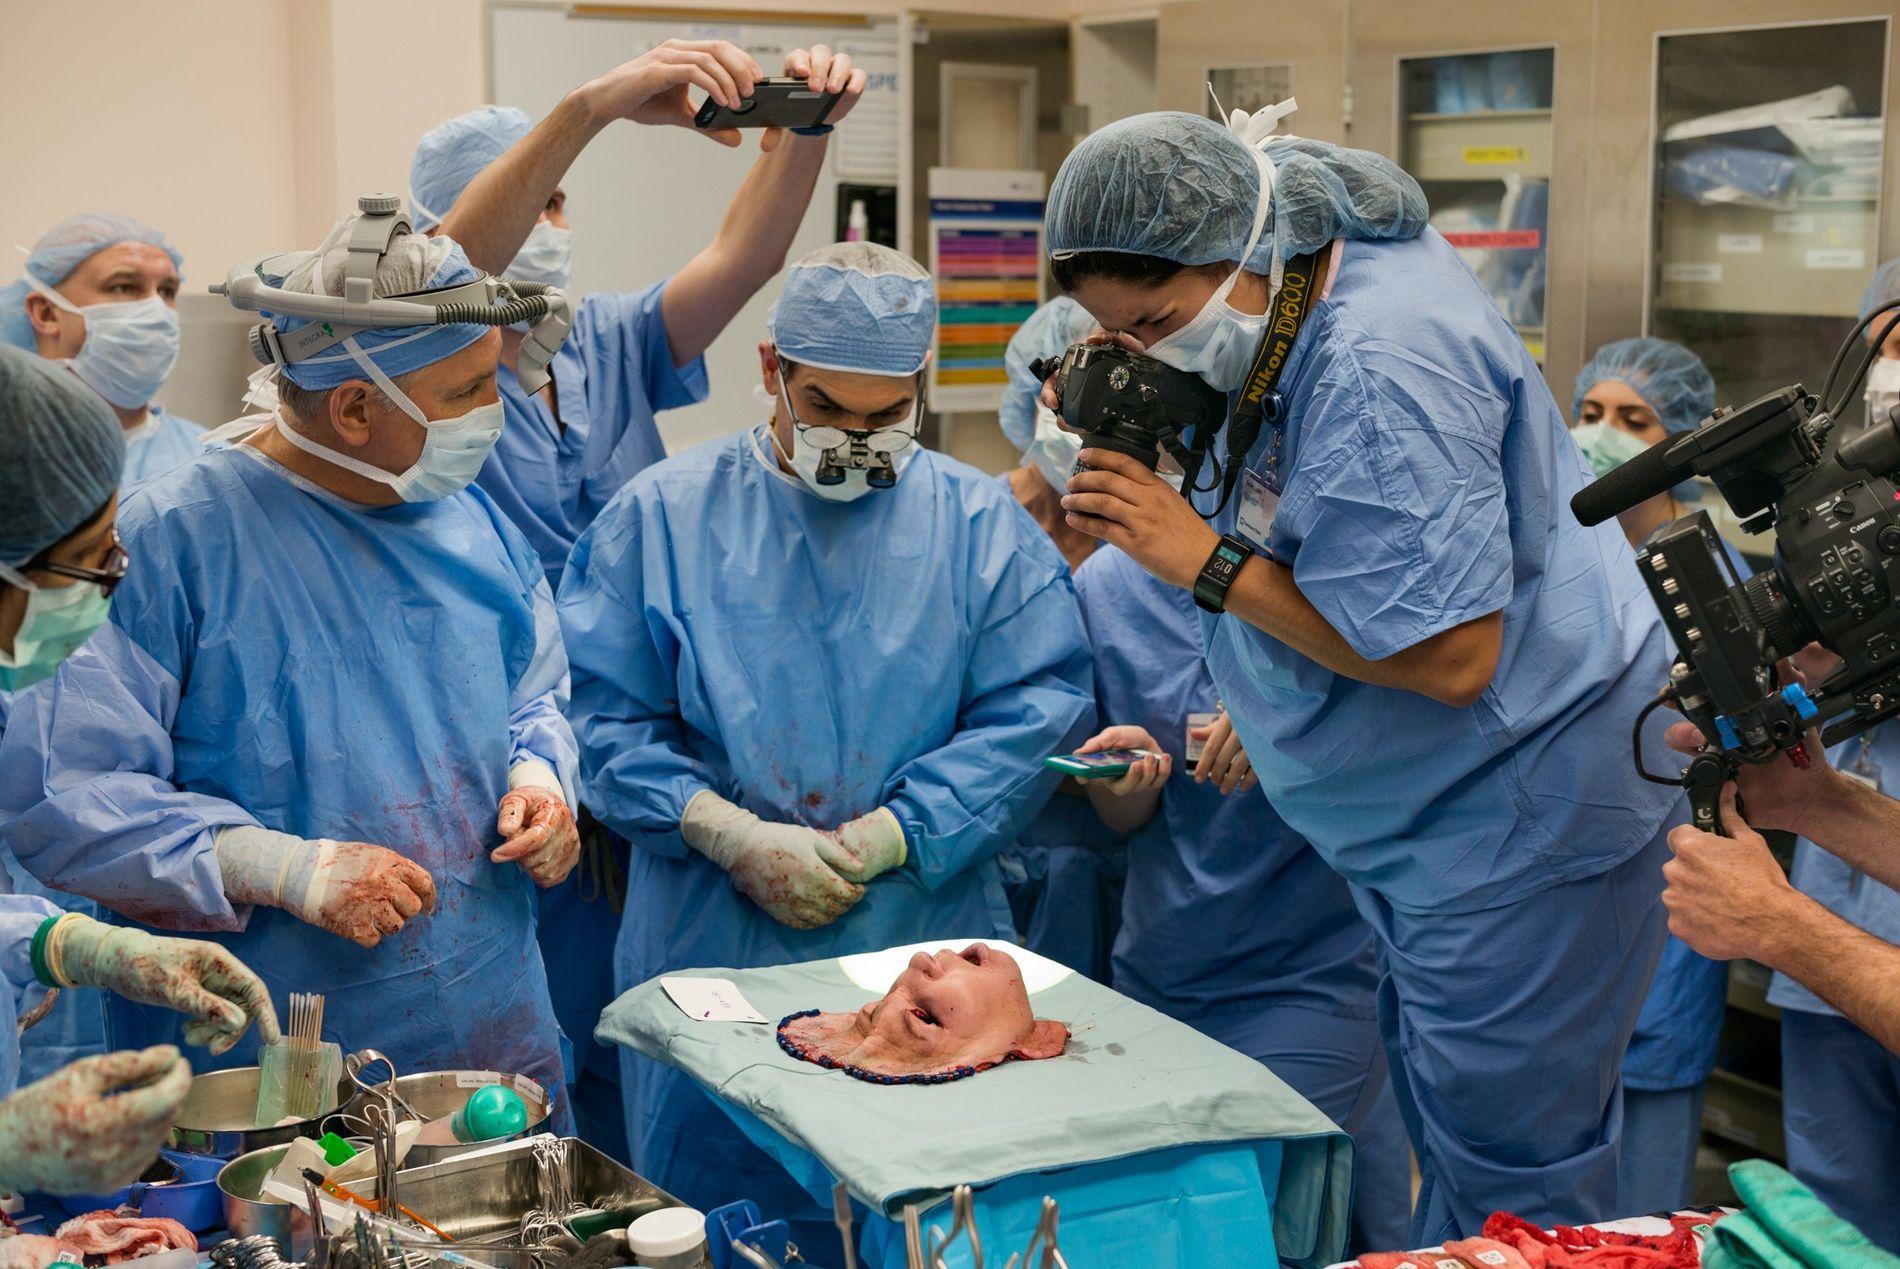 """CLEVELAND, Ohio. """"Ehrfürchtig"""", beschreibt Fotografin Lynn Johnson den Moment, in dem sie und das medizinische Team ..."""